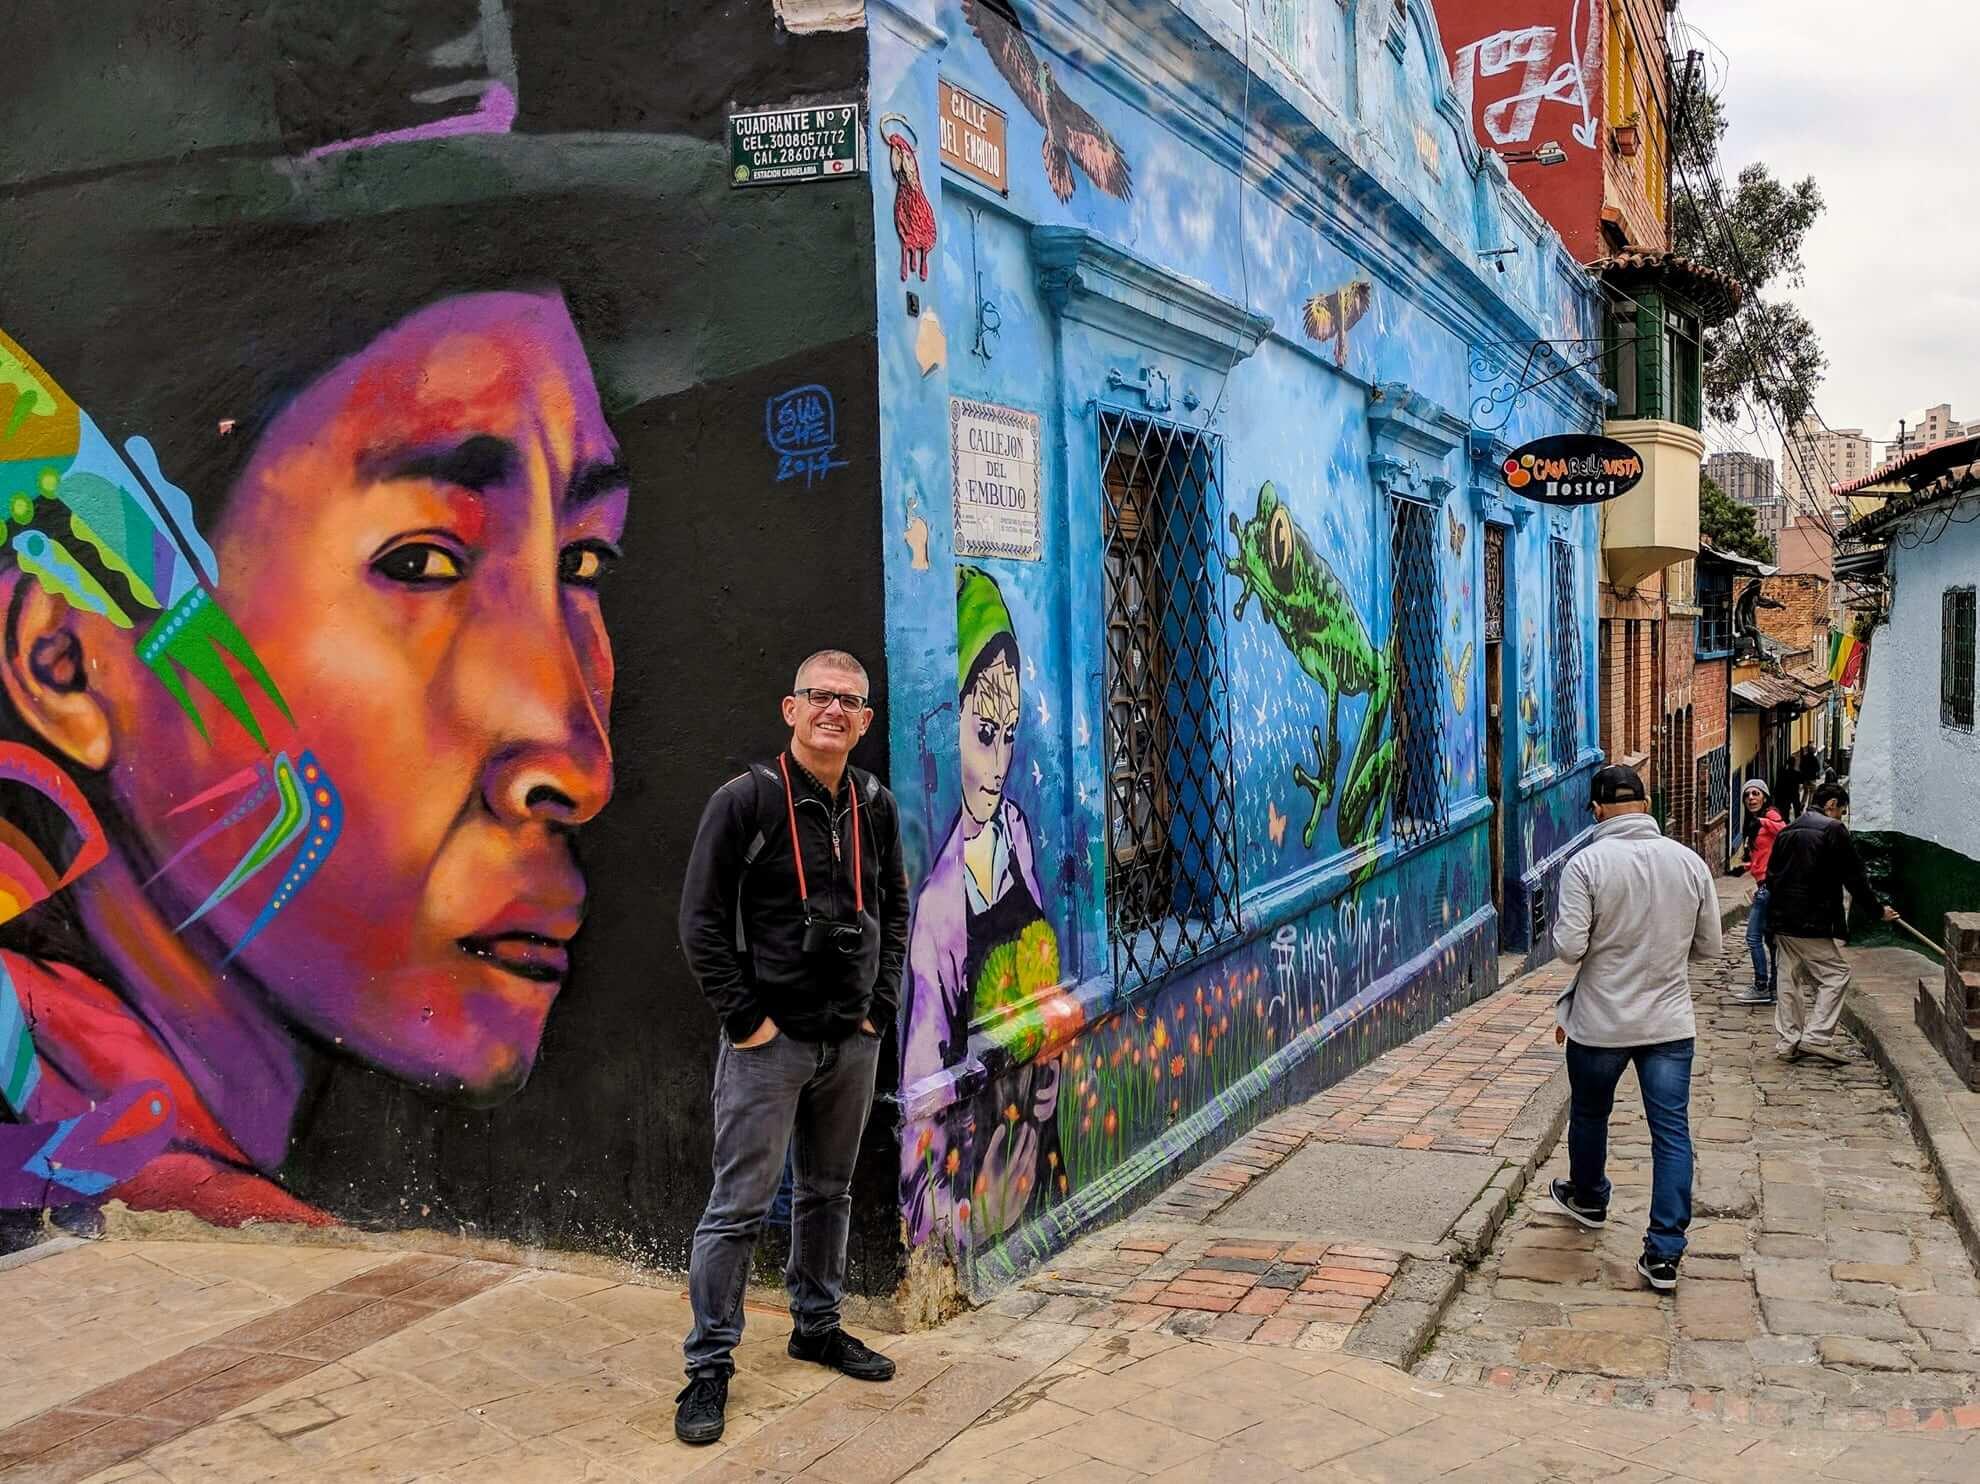 Me at La Candelaria in Bogota, Colombia